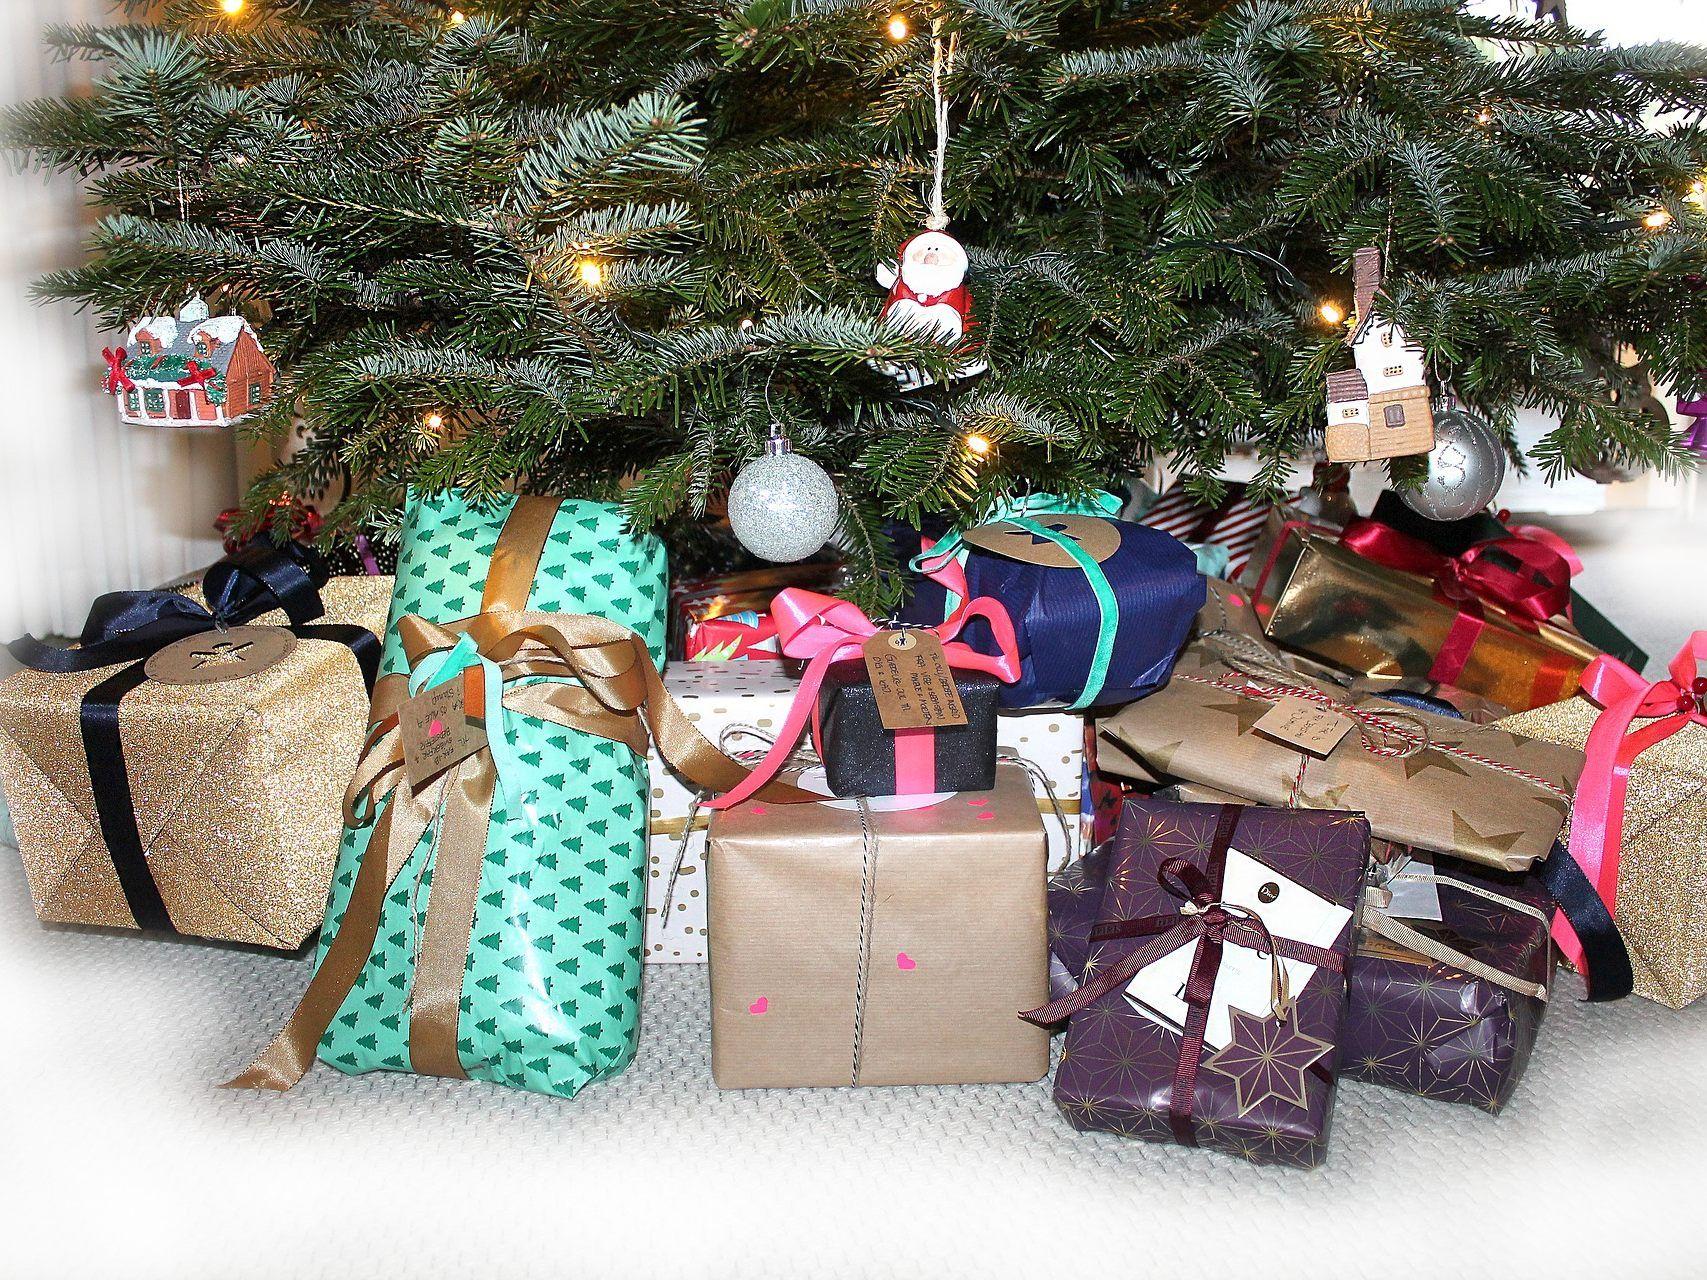 Beste Zeit zum Weihnachtsgeschenke-Kauf: Was ist wann am günstigsten ...